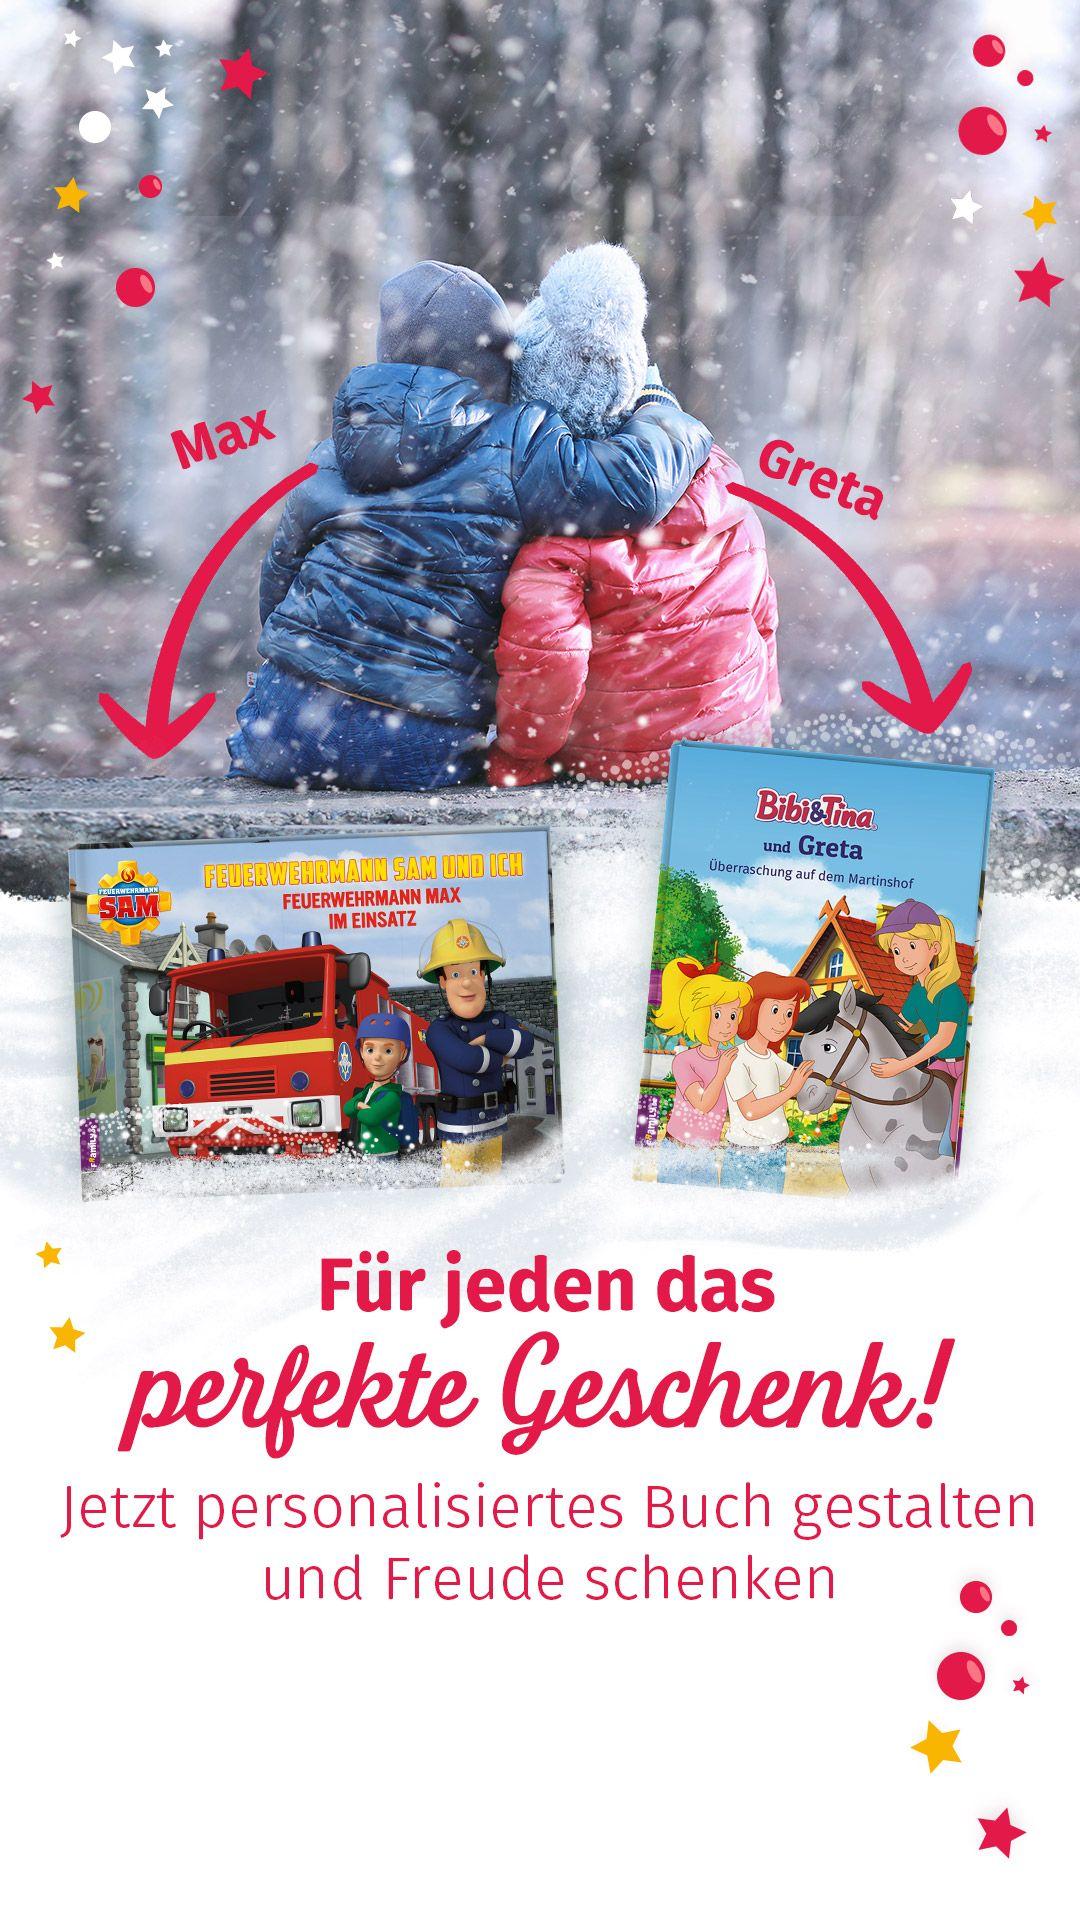 Personalisierte Kinderbücher mit Kinderhelden #persönlichegeschenke